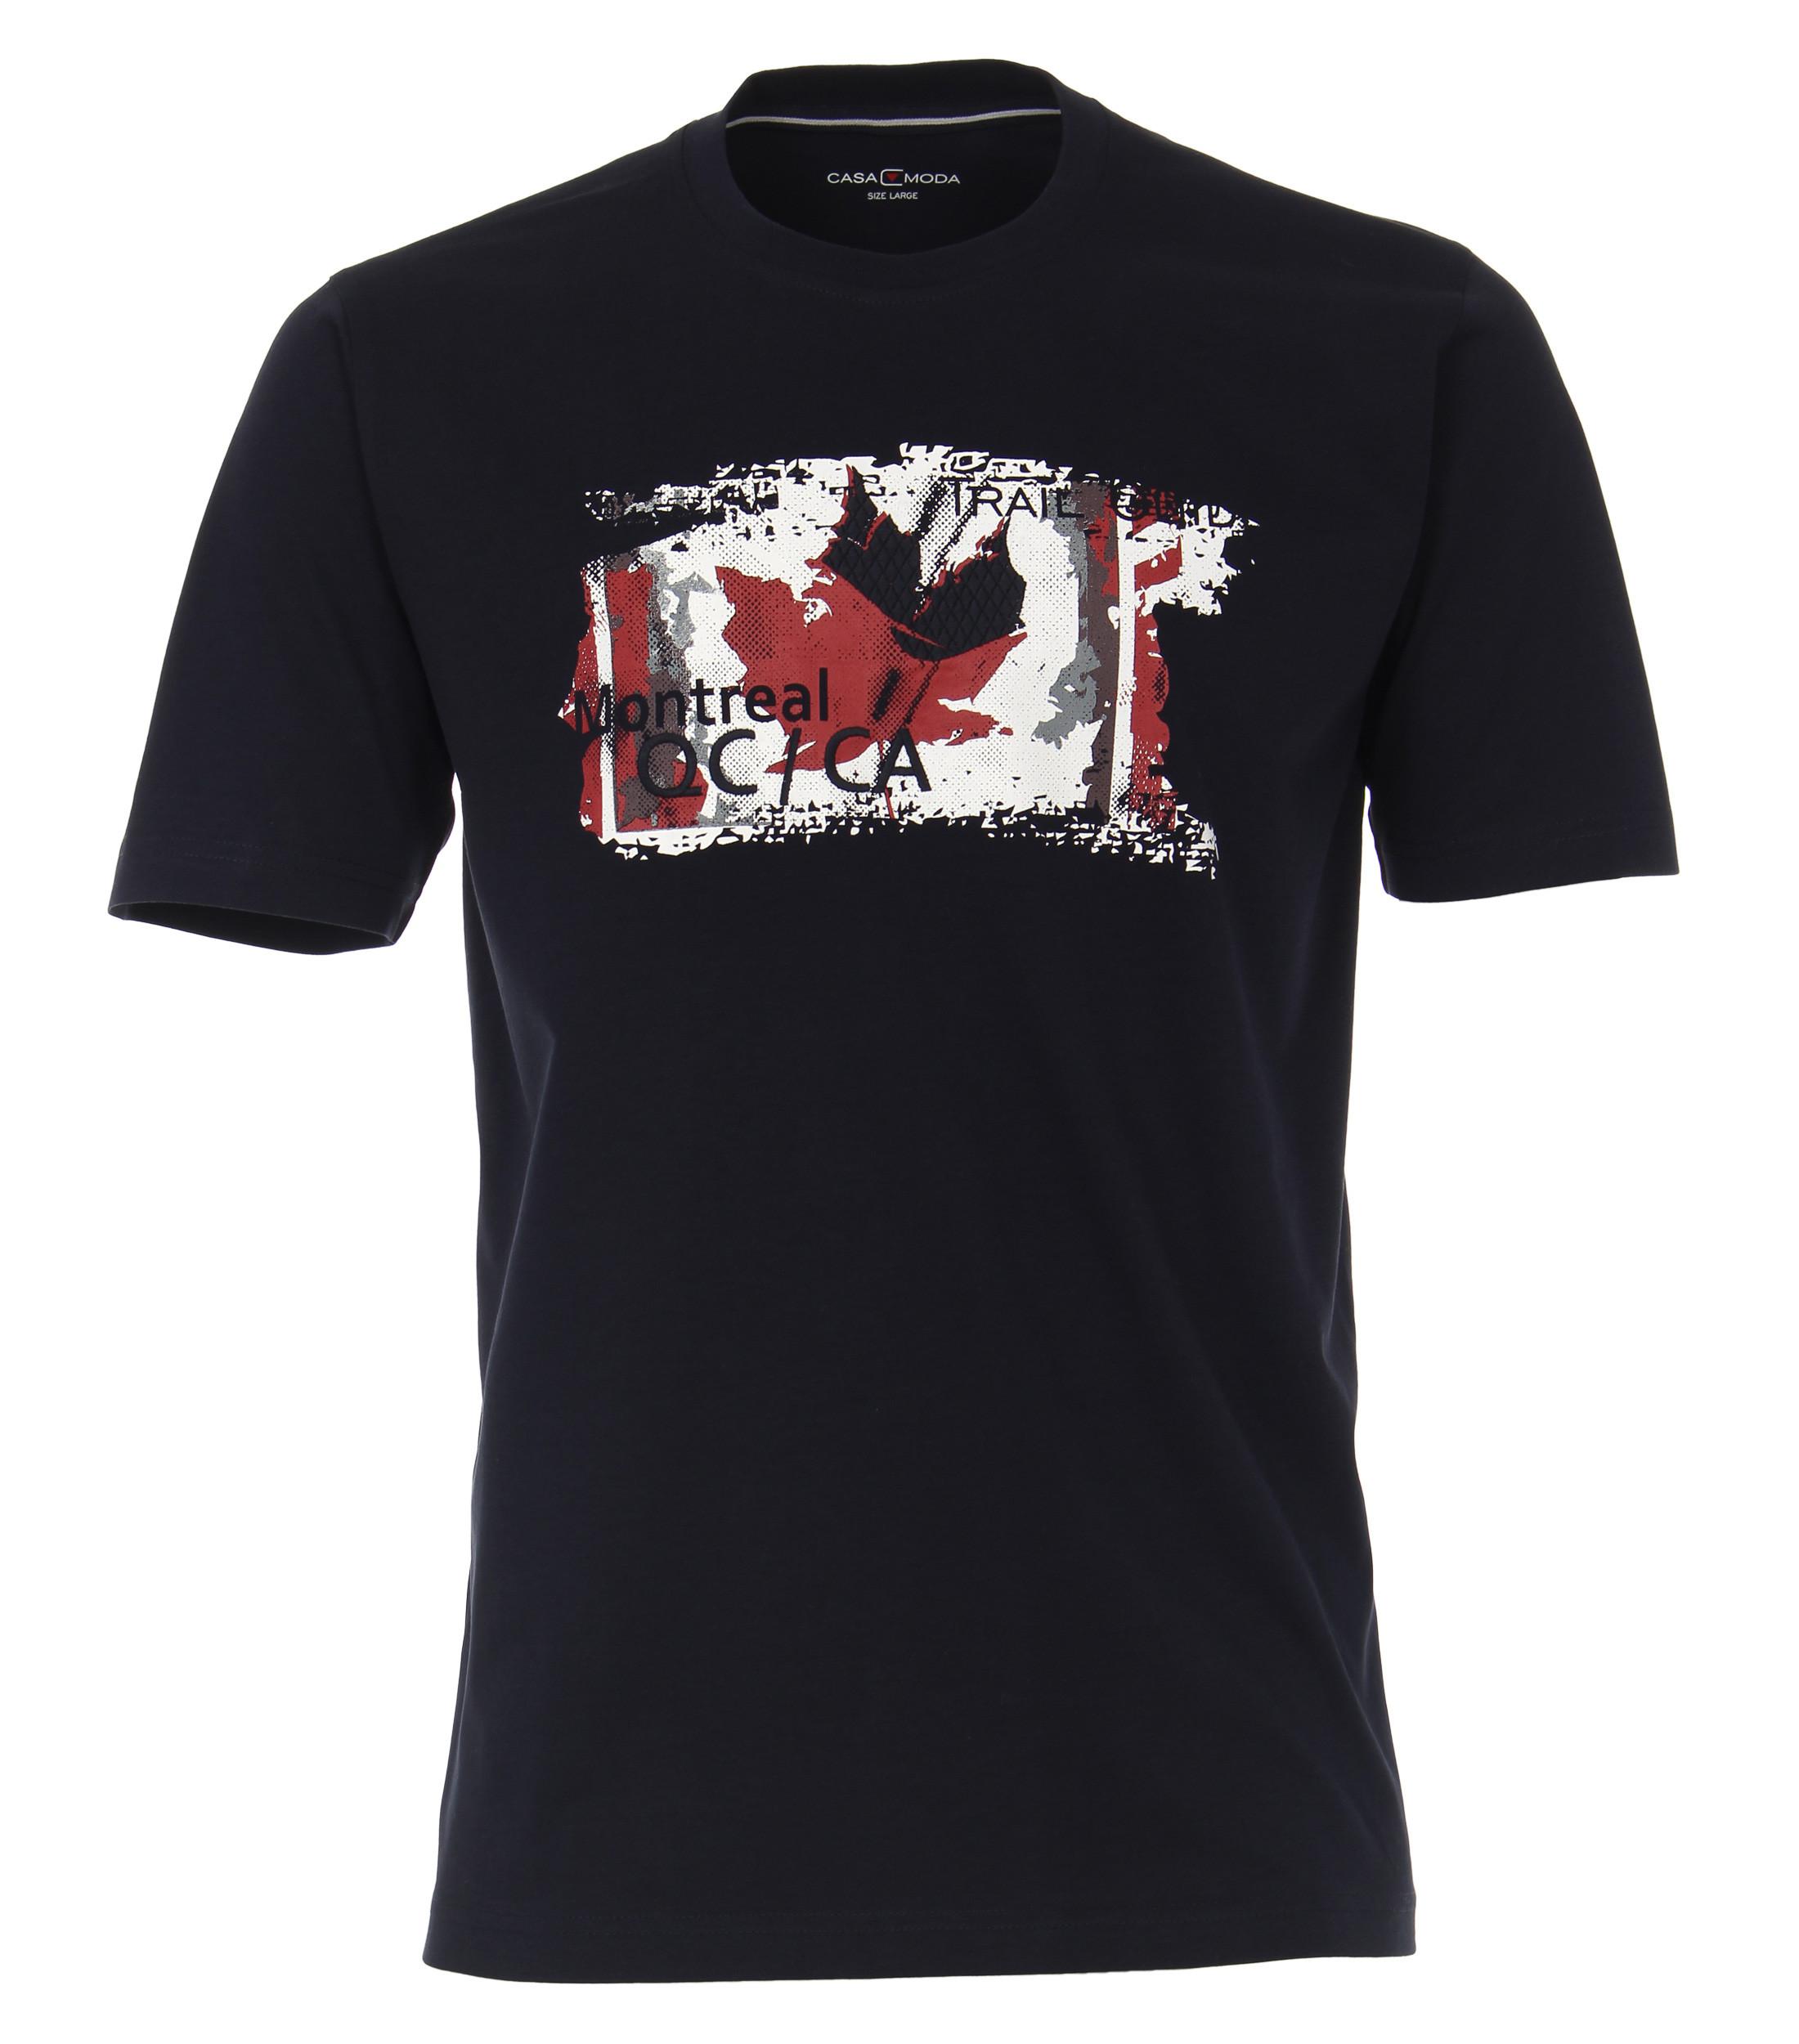 """T-Shirt """"Montreal"""" van merk Casa Moda in de kleur blauw, gemaakt van 100% katoen."""